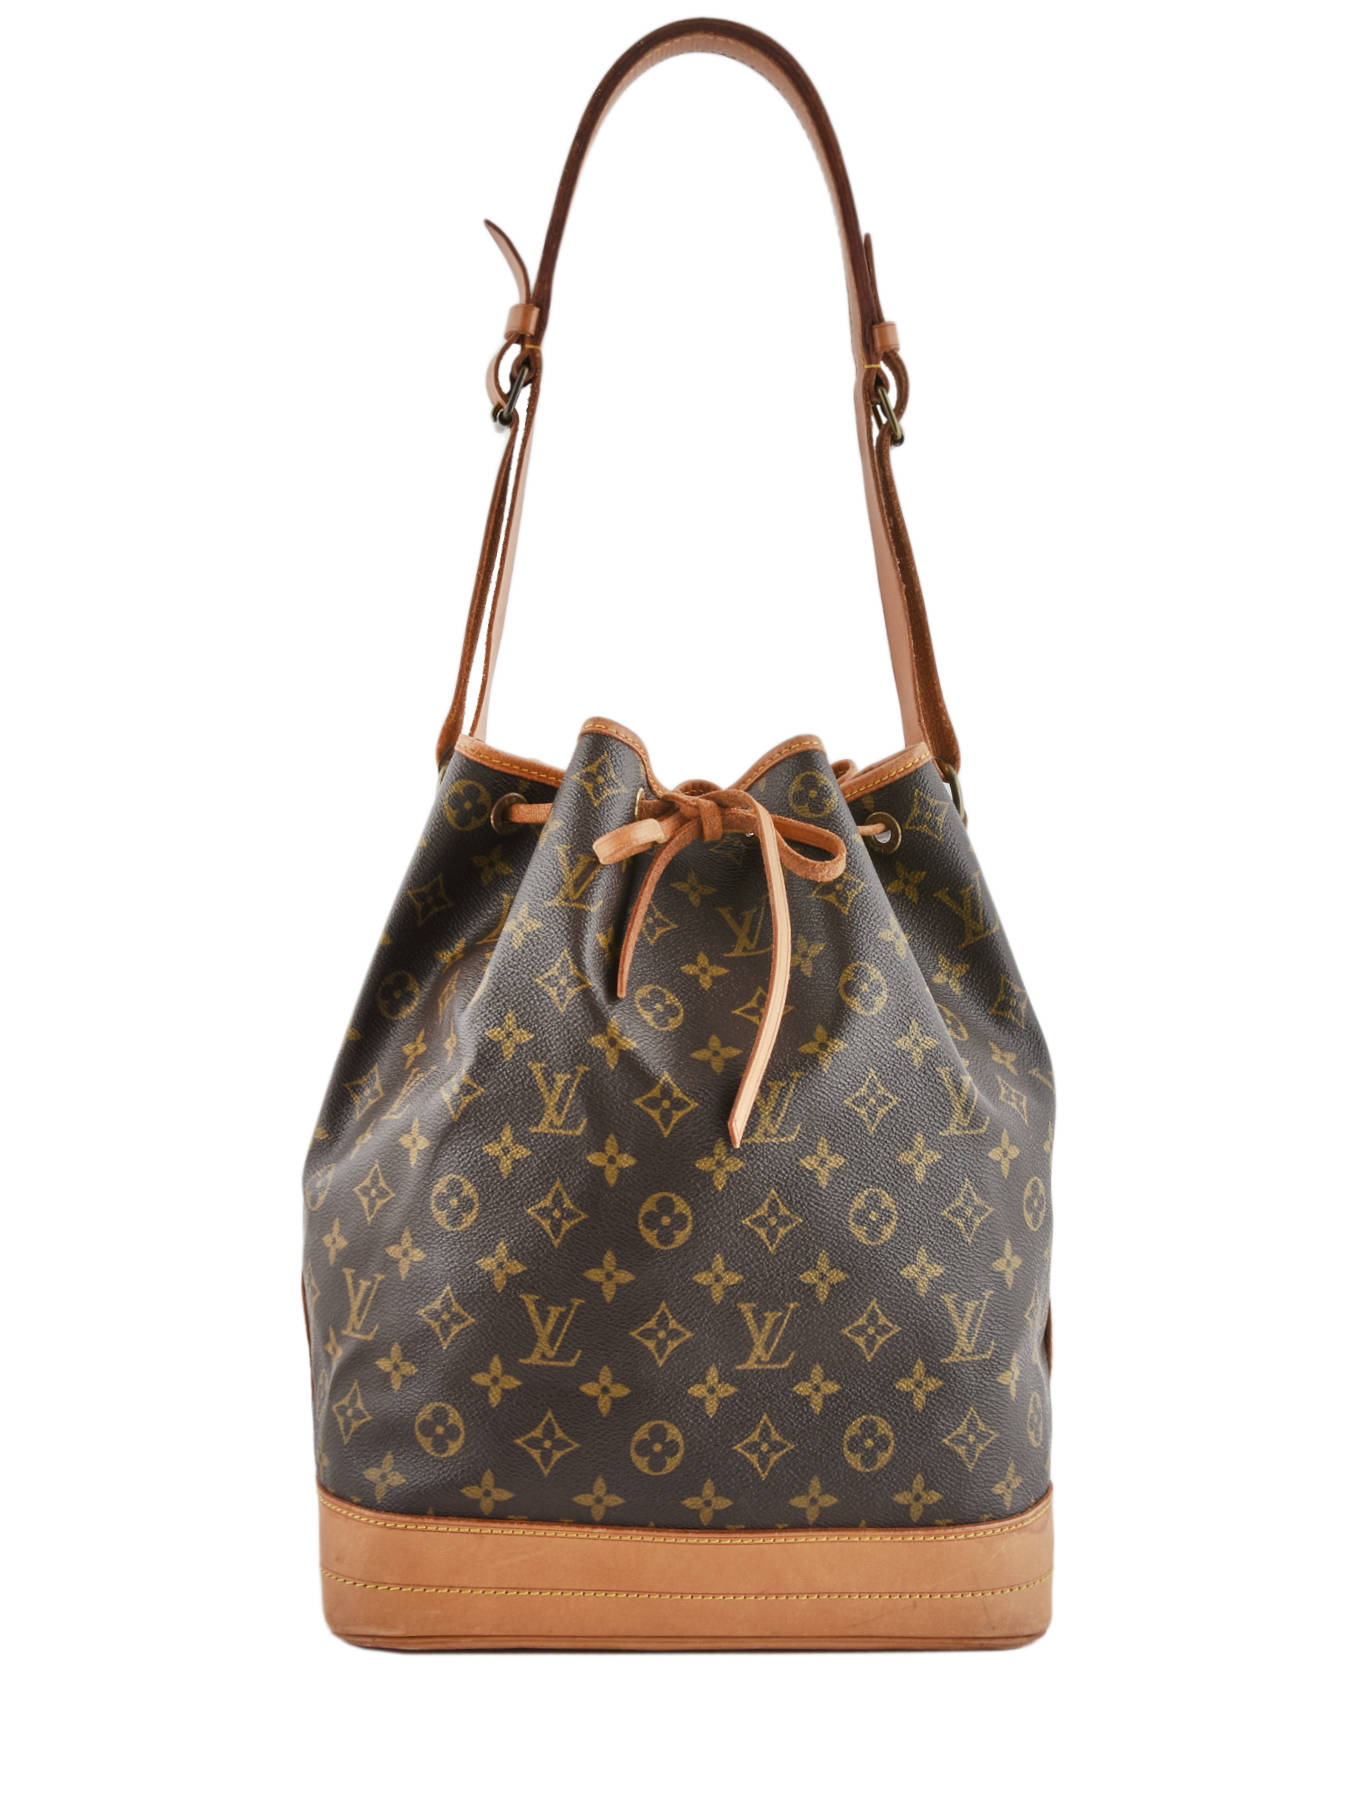 d306bf0b1f ... Sac Bourse D'occasion Louis Vuitton Noe Gm Monogrammé Brand connection  Marron louis vuitton ...